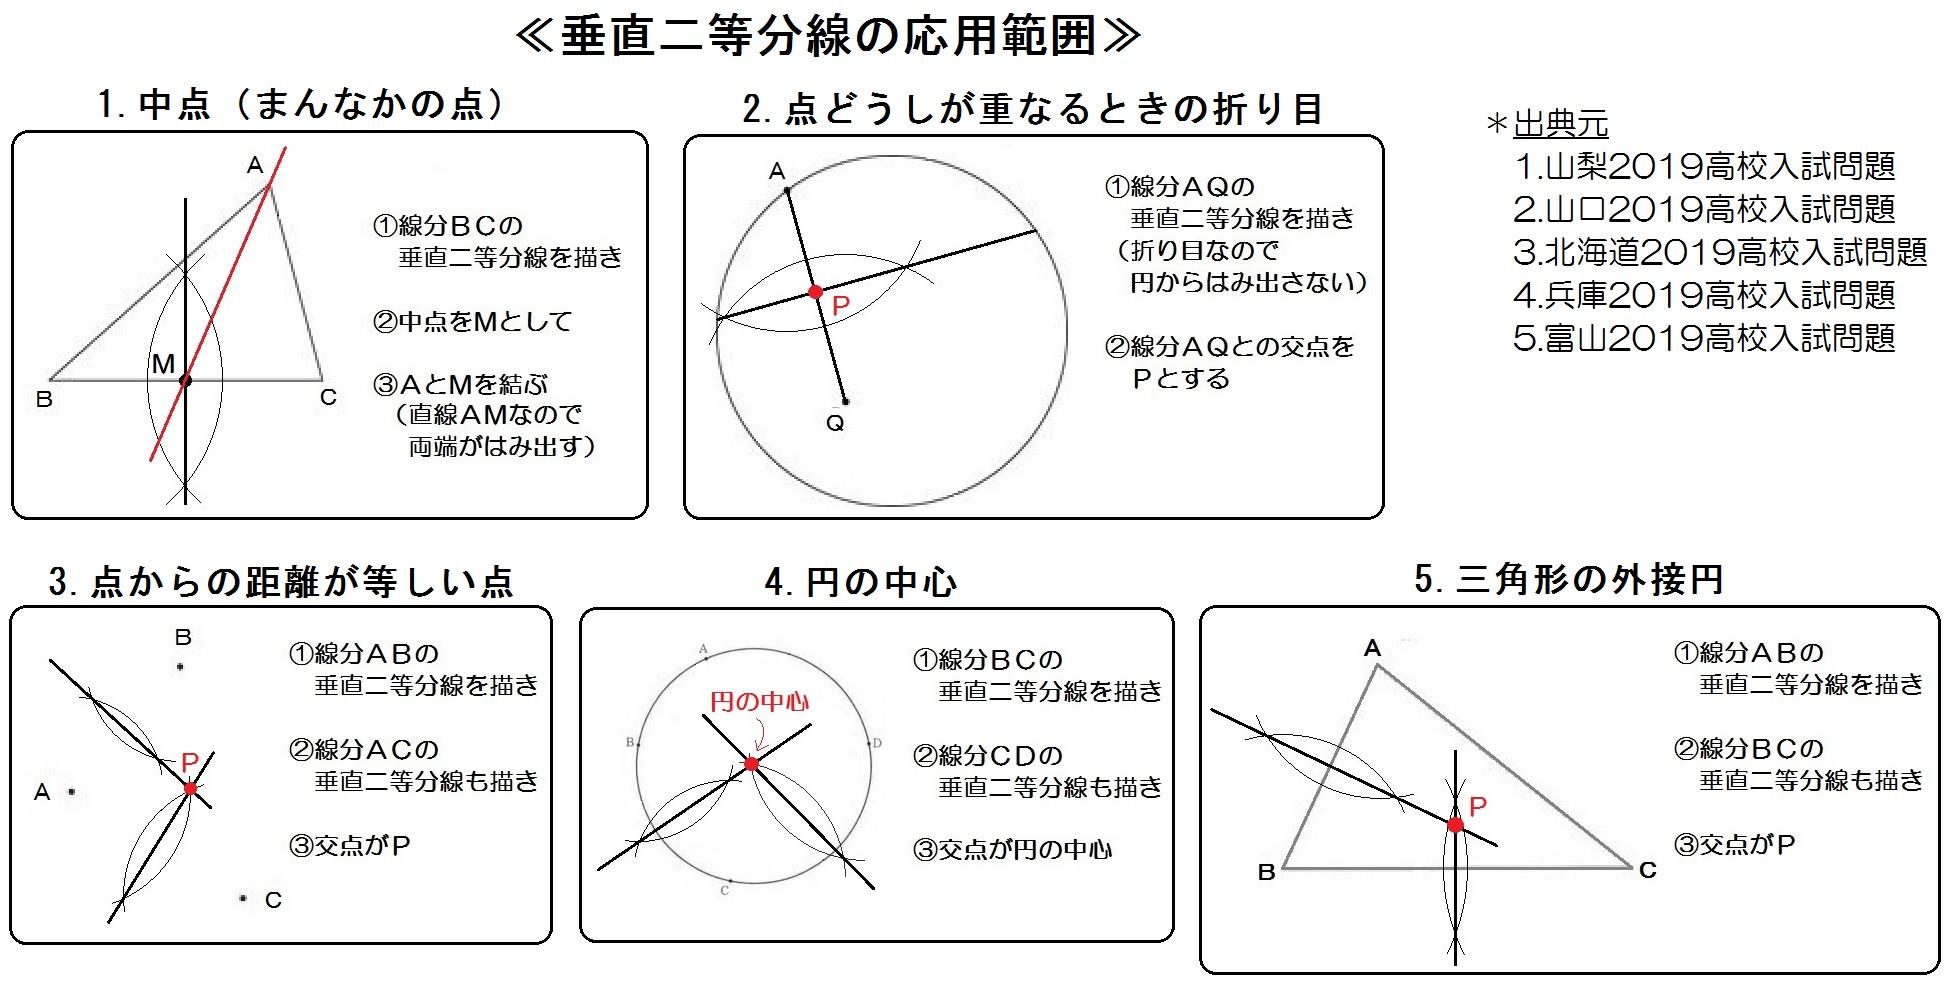 二 等 線 性質 の 分 角